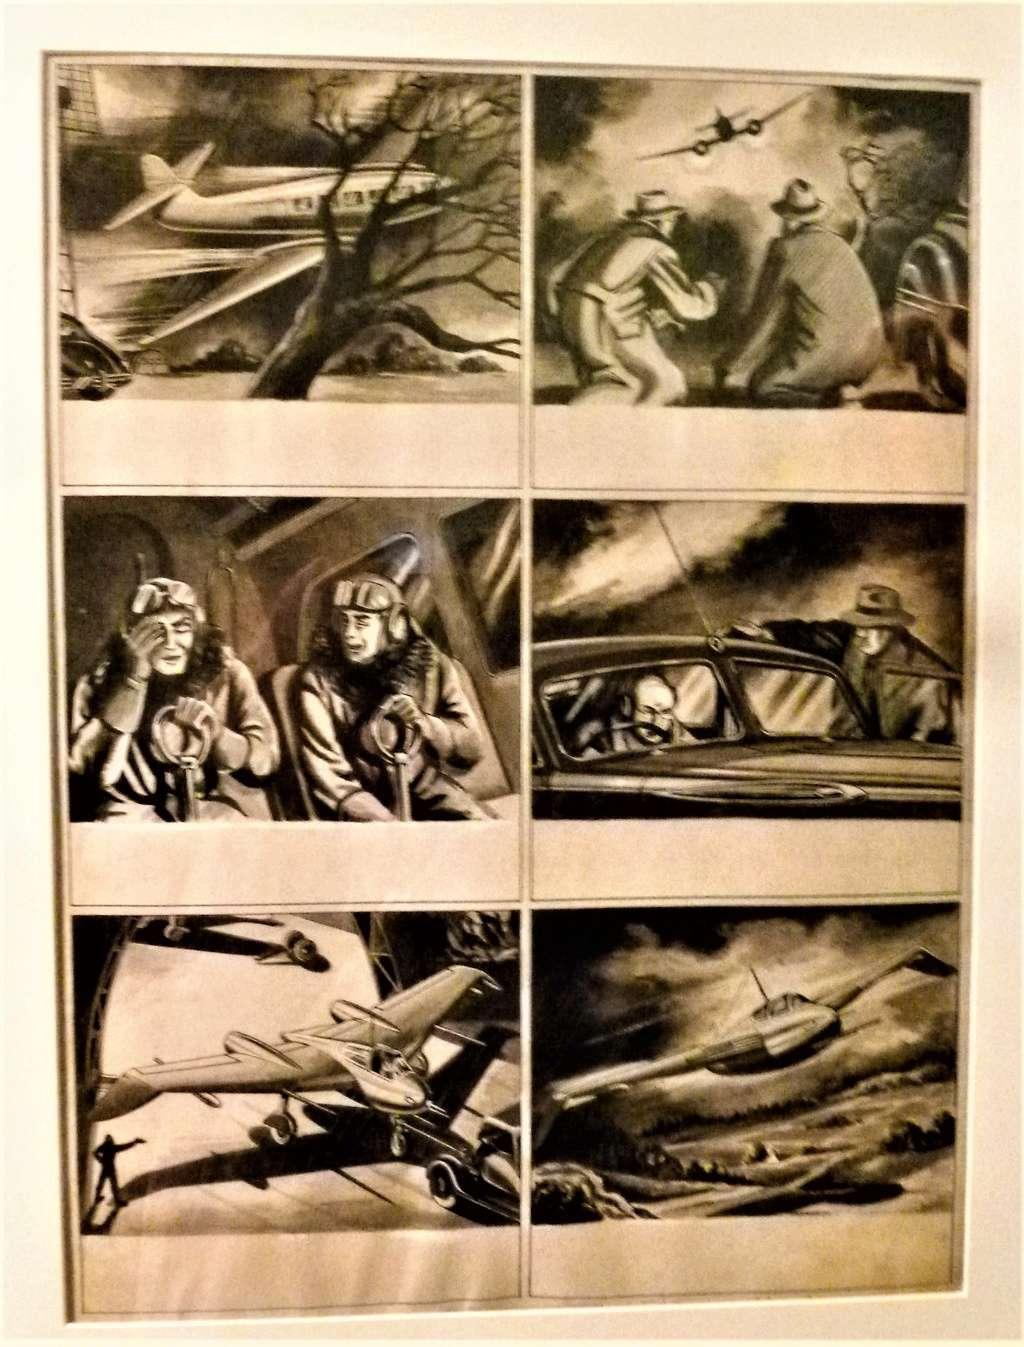 expositions consacrées à Alix - Page 4 P1420020